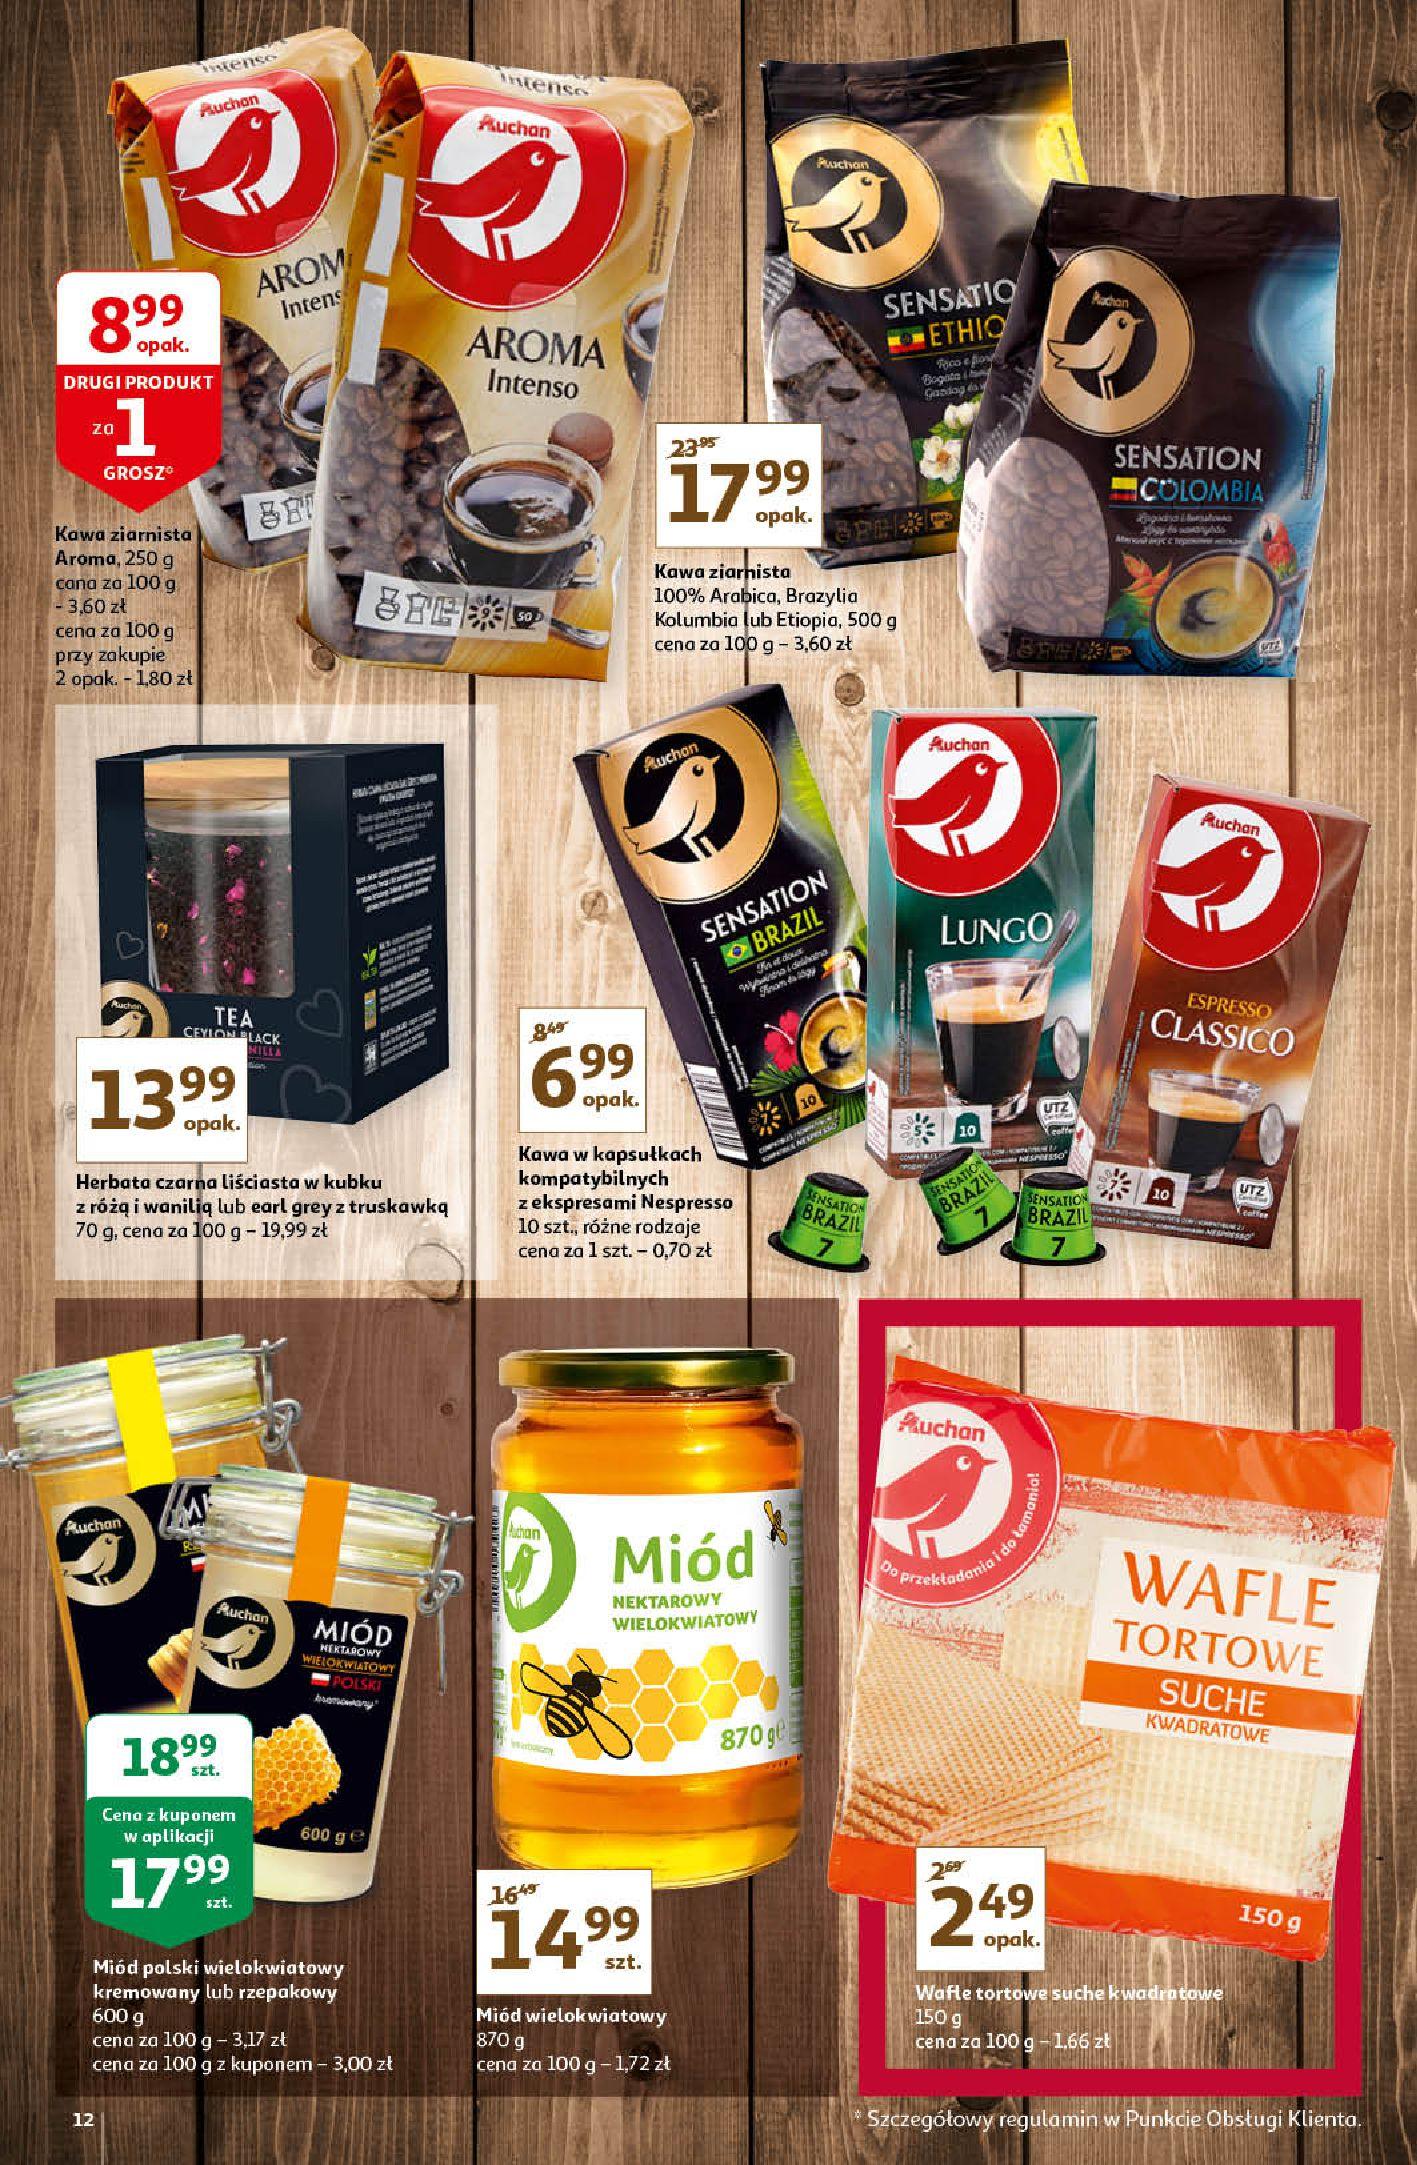 Gazetka Auchan - A love You Hipermarkety-12.02.2020-19.02.2020-page-12